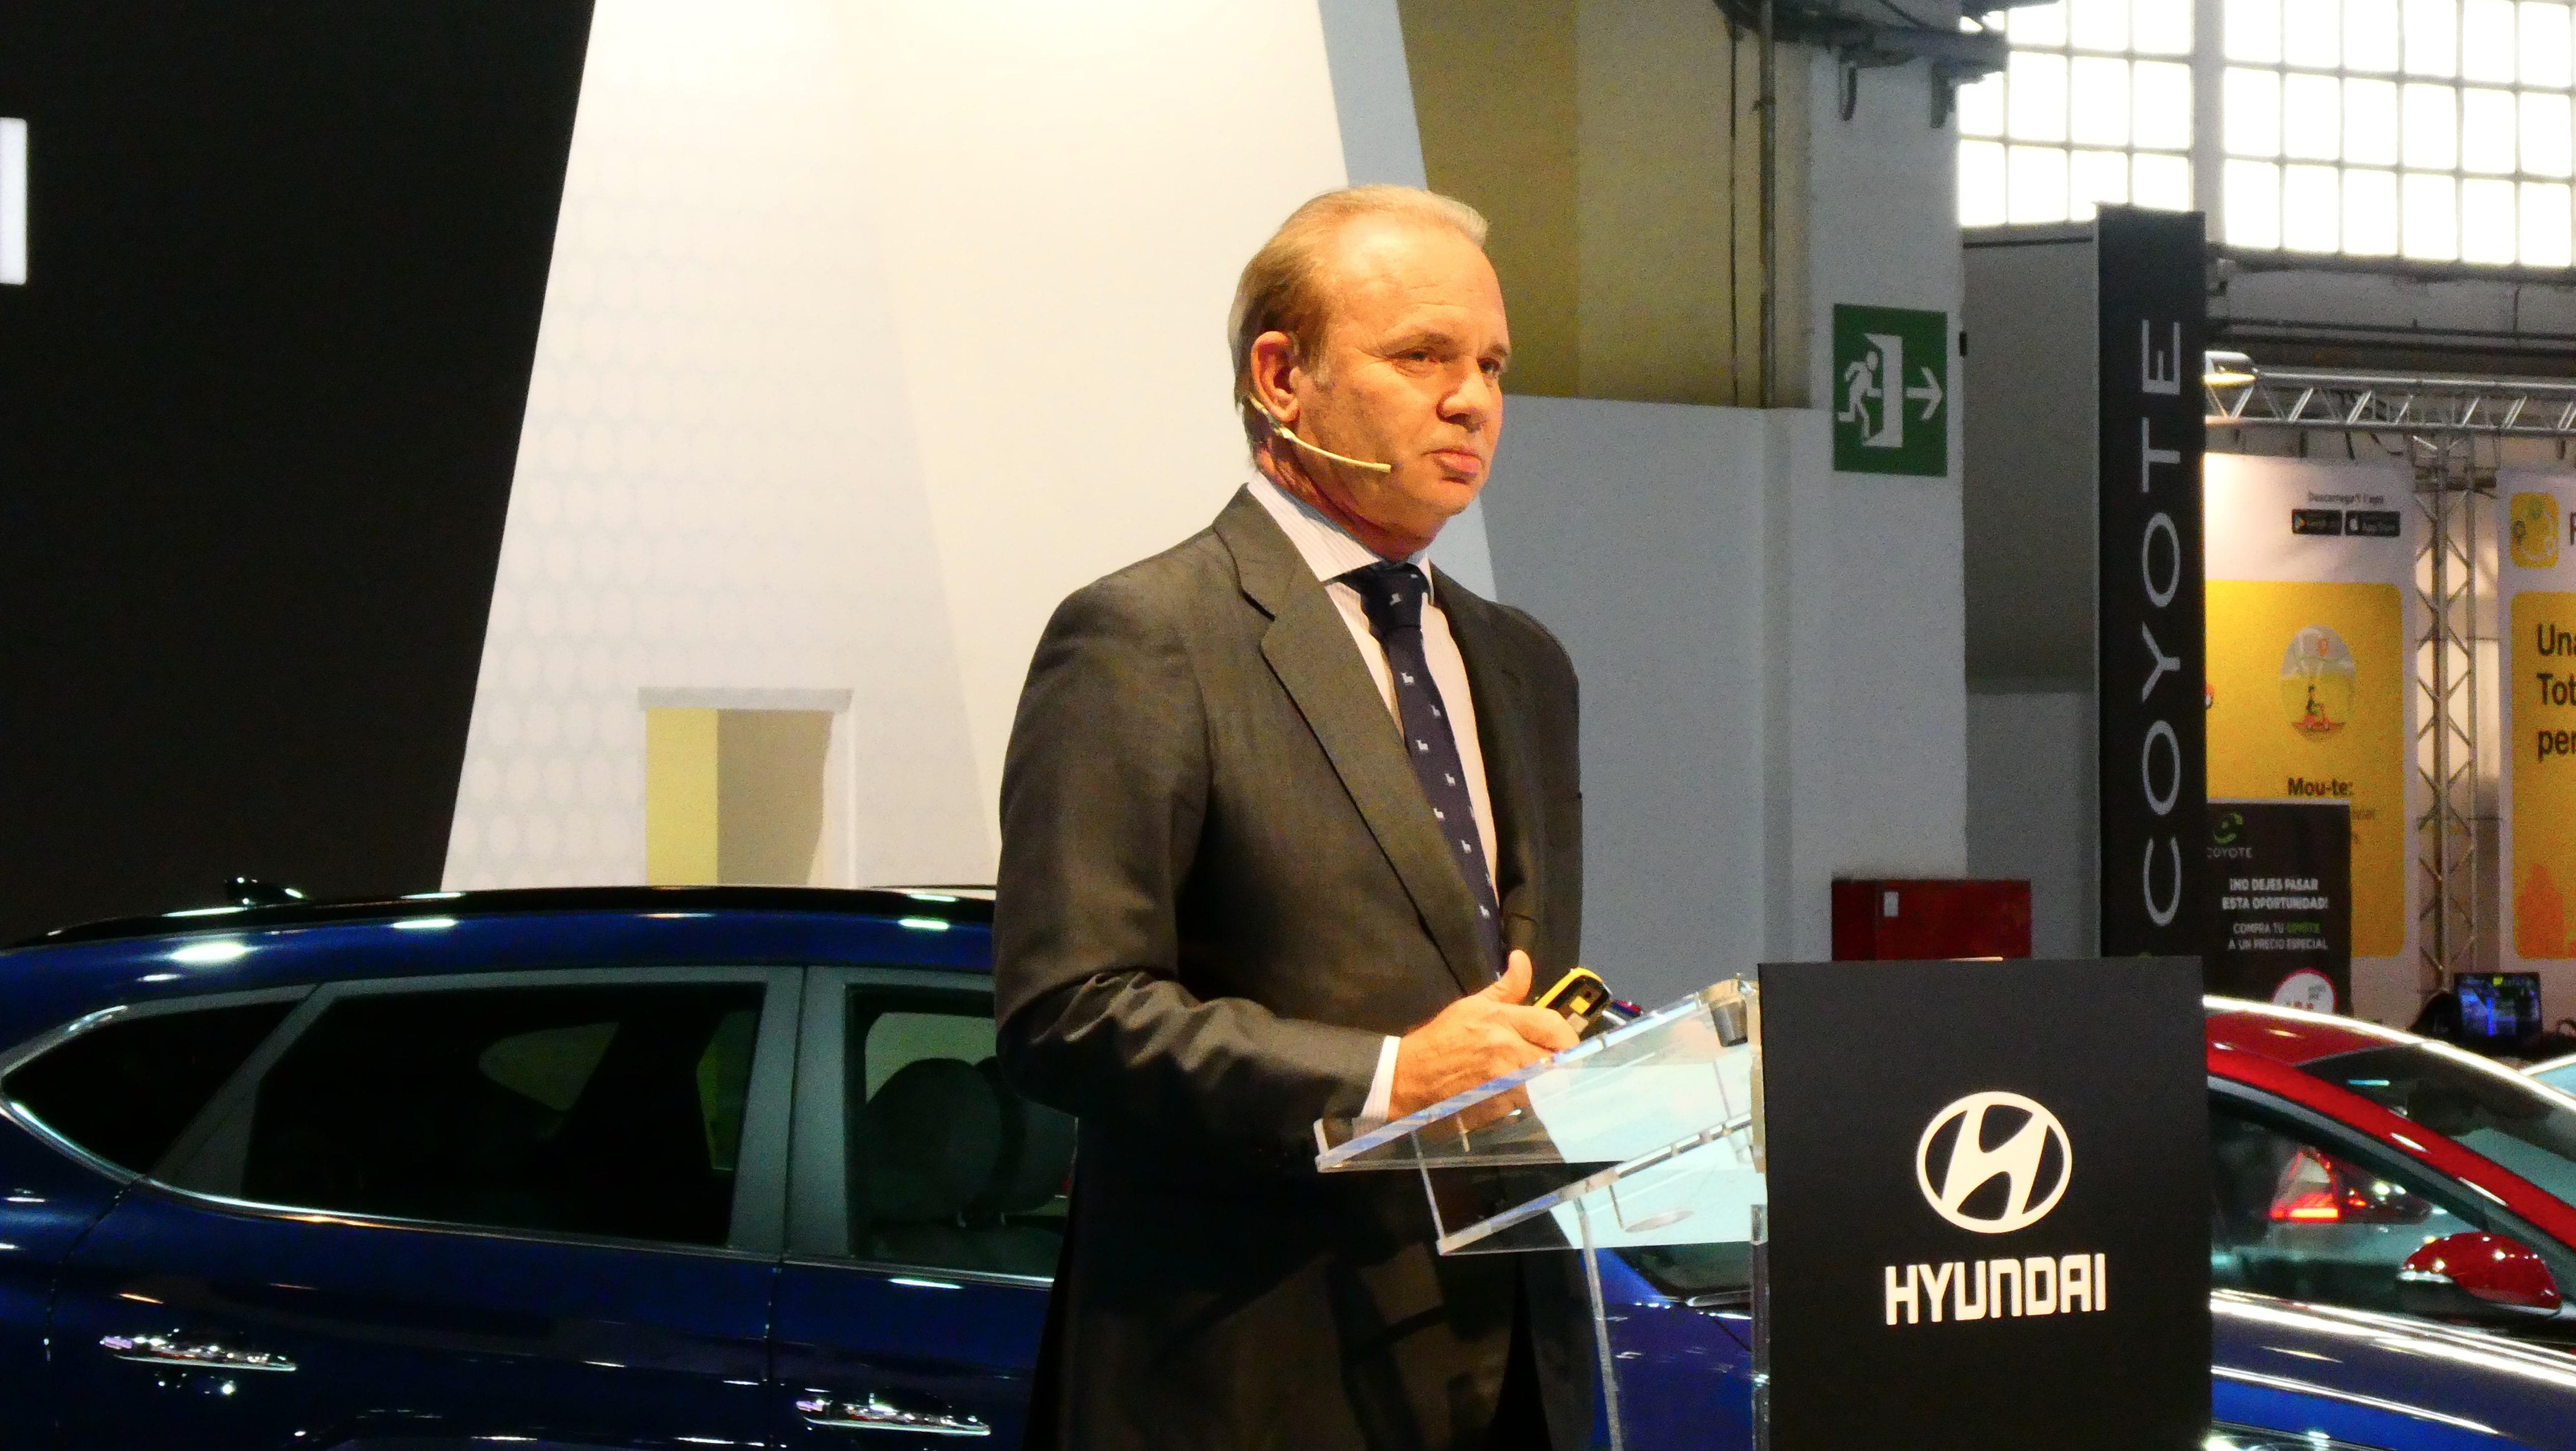 Leopoldo Satrústegui es director general de Hyundai España.